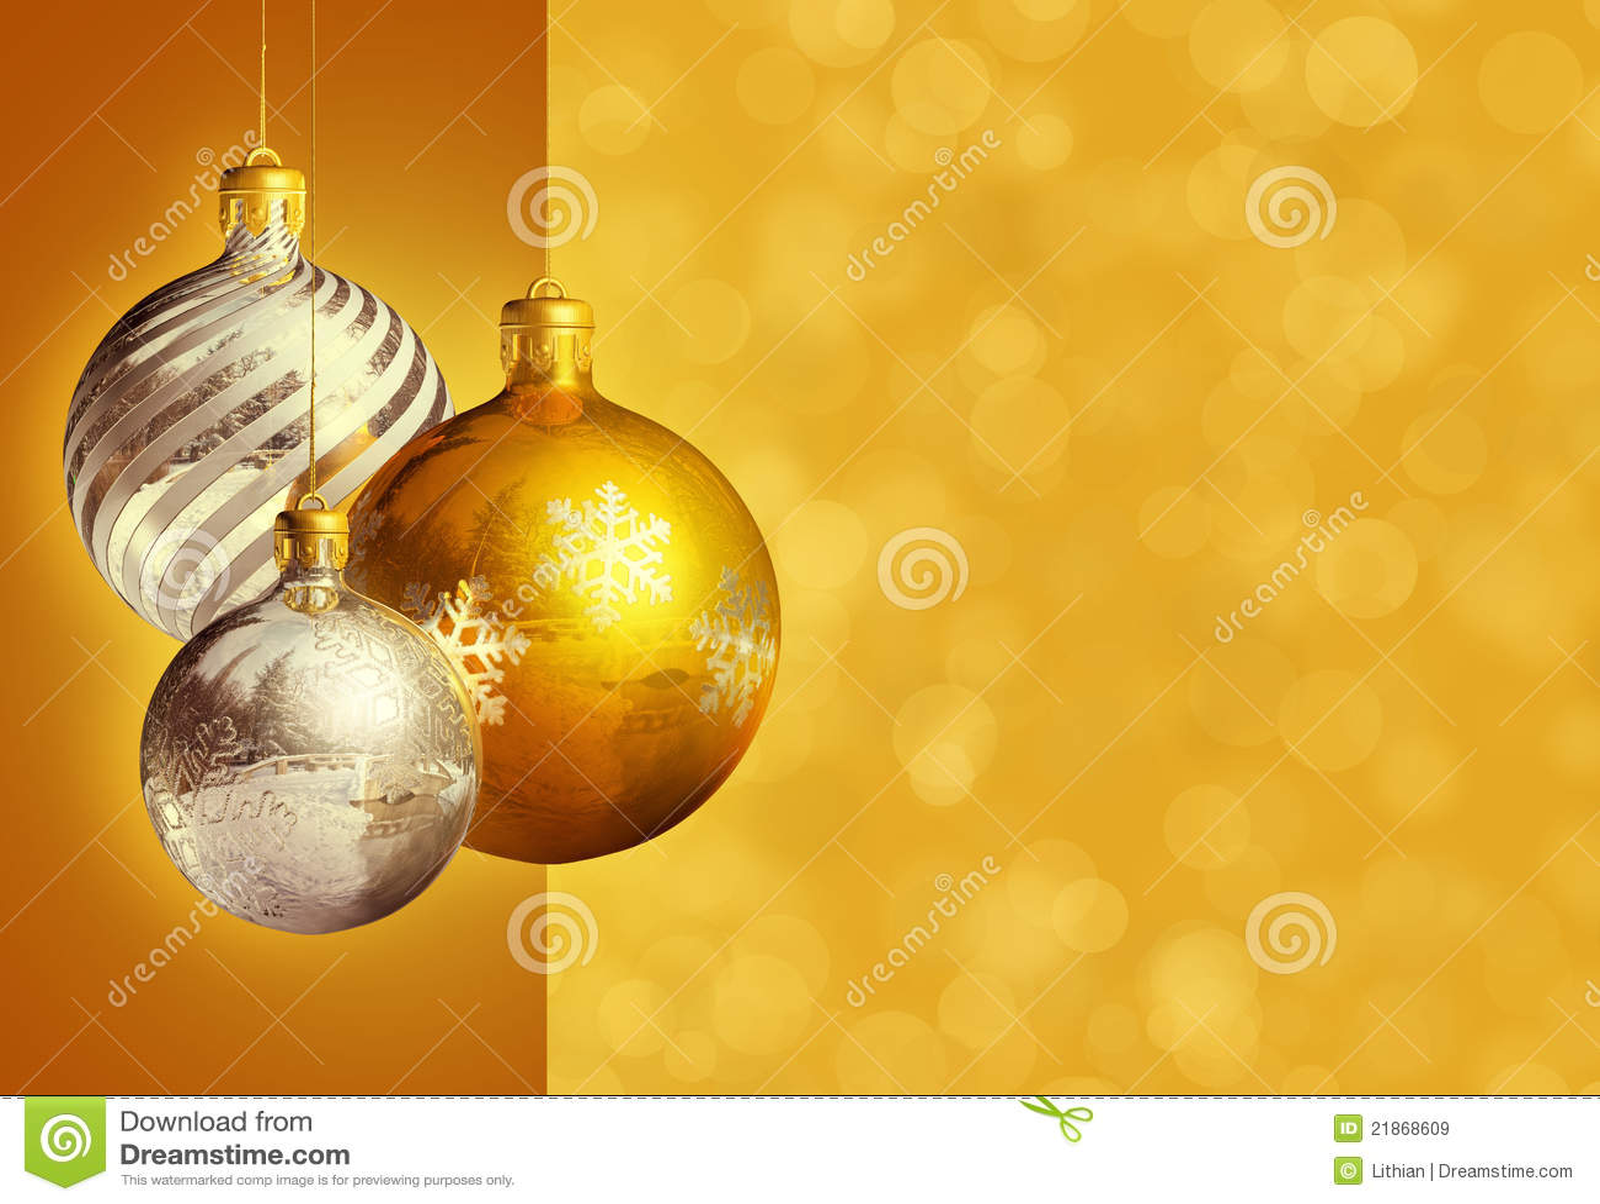 Decoraci n elegante labrada moderna de la navidad - Decoracion navidad moderna ...